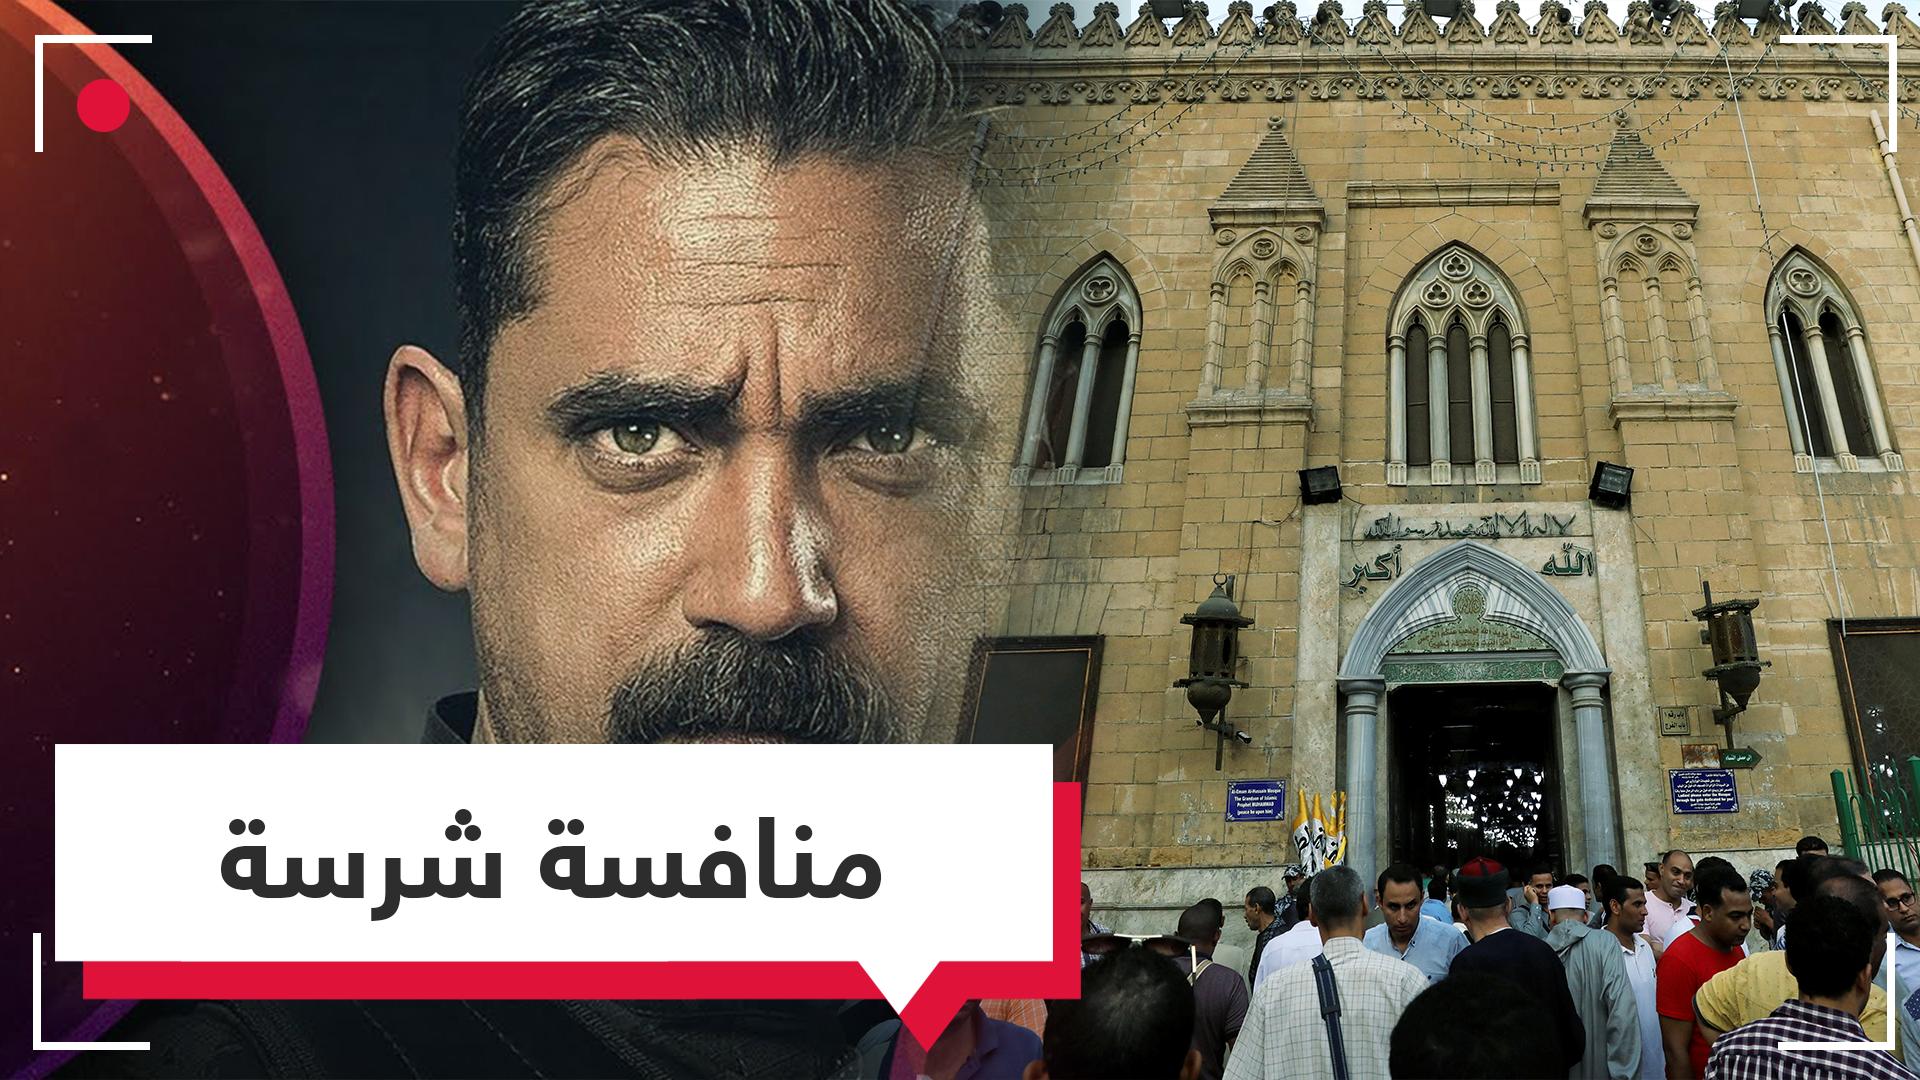 لماذا بات رمضان شهر المسلسلات والأعمال الفنية؟